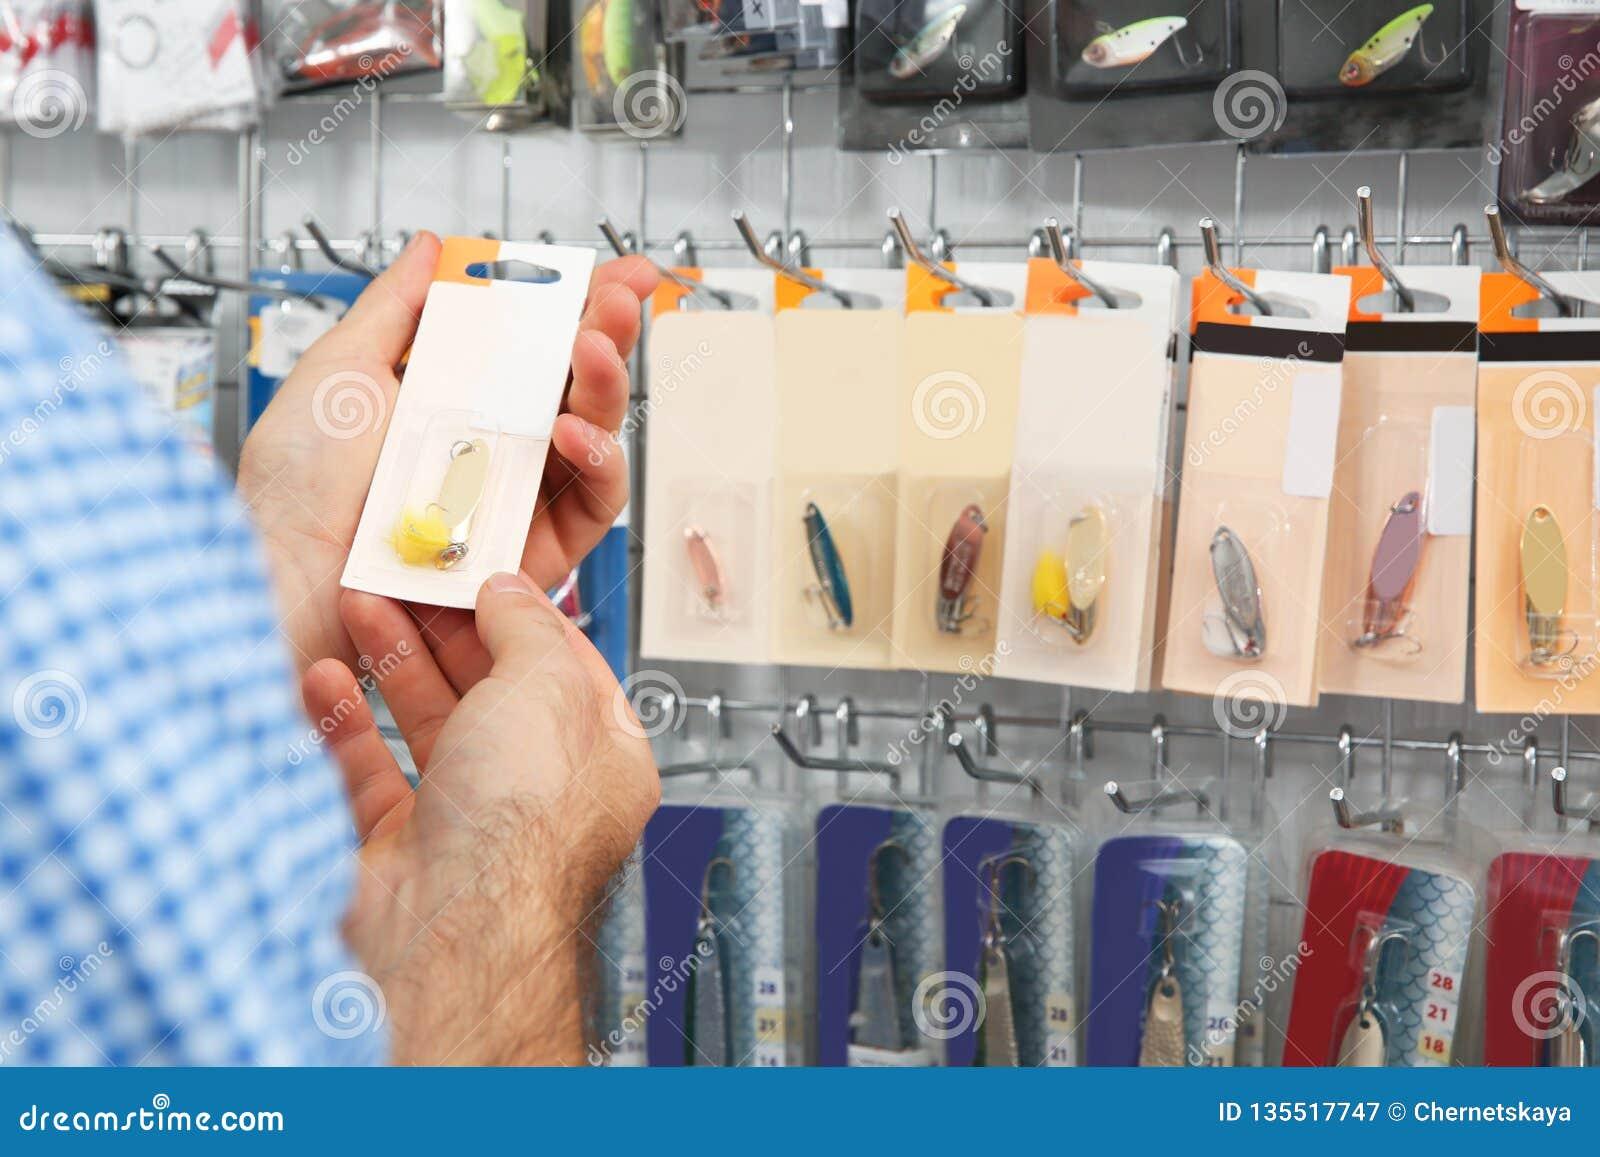 Customer choosing fishing equipment in sports shop, closeup.